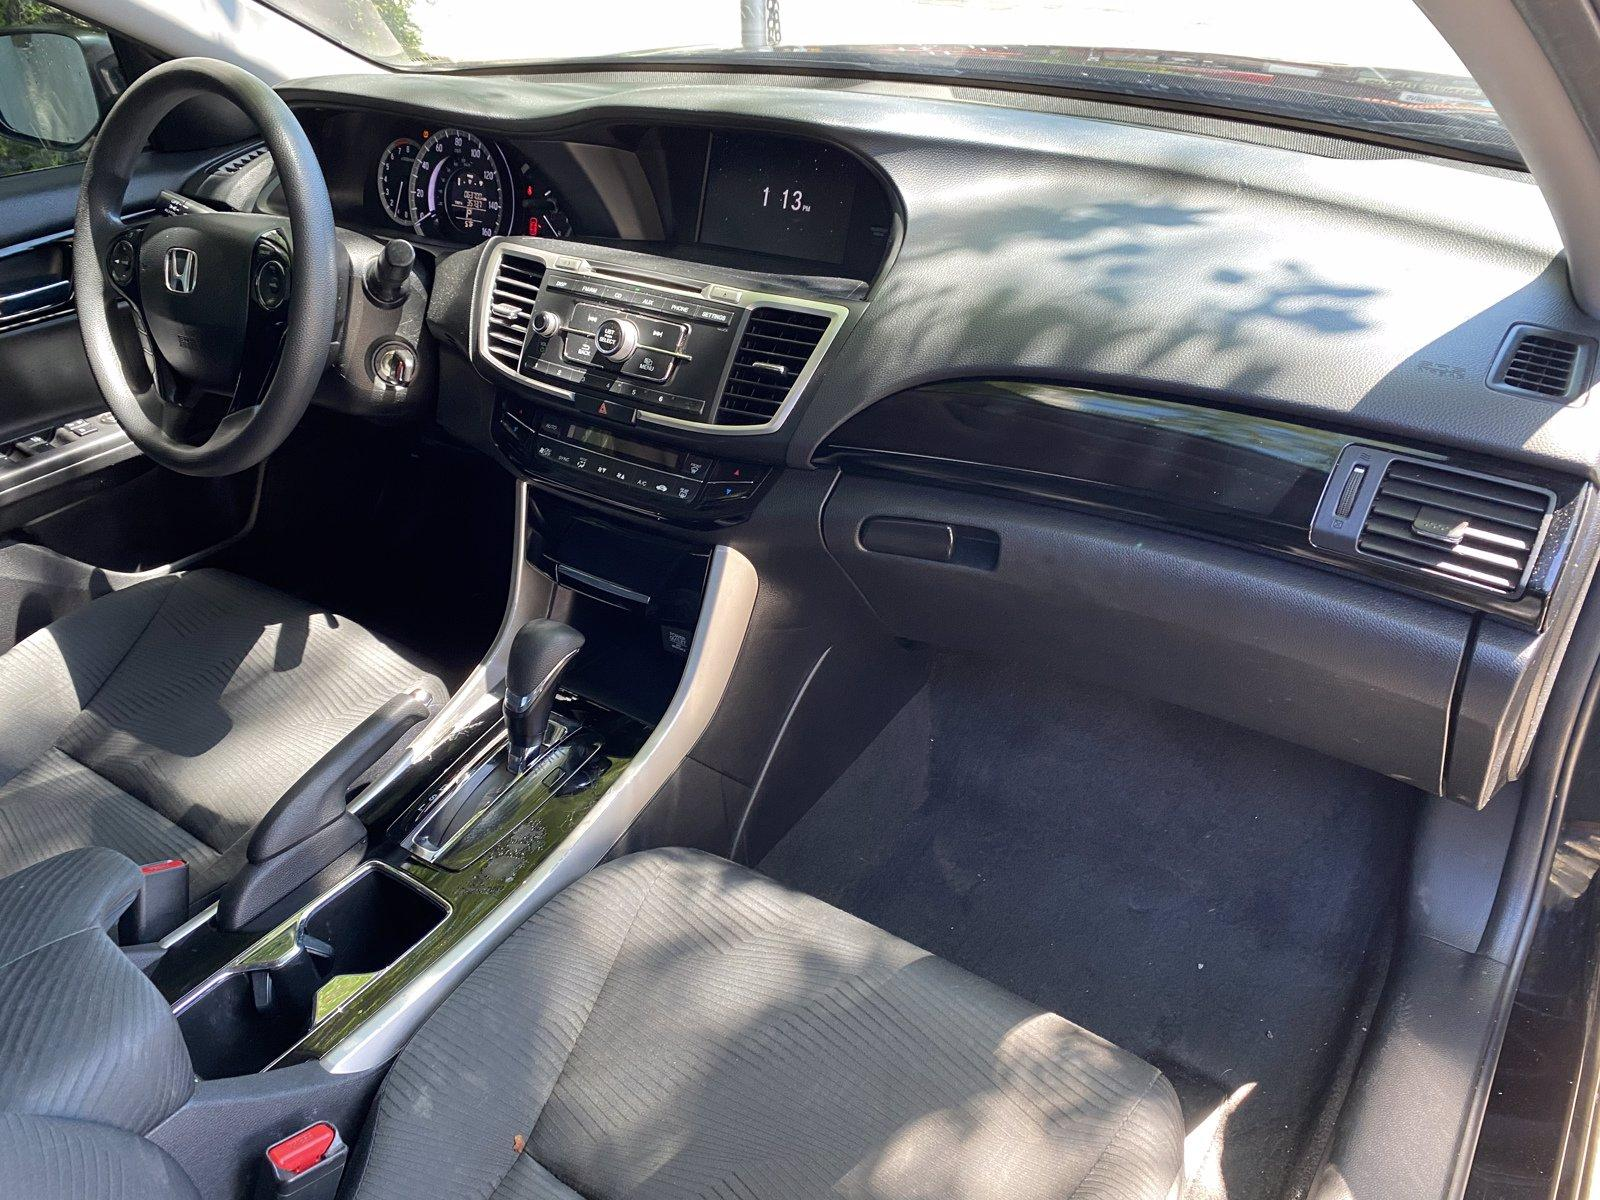 Used-2016-Honda-Accord-Sedan-LX